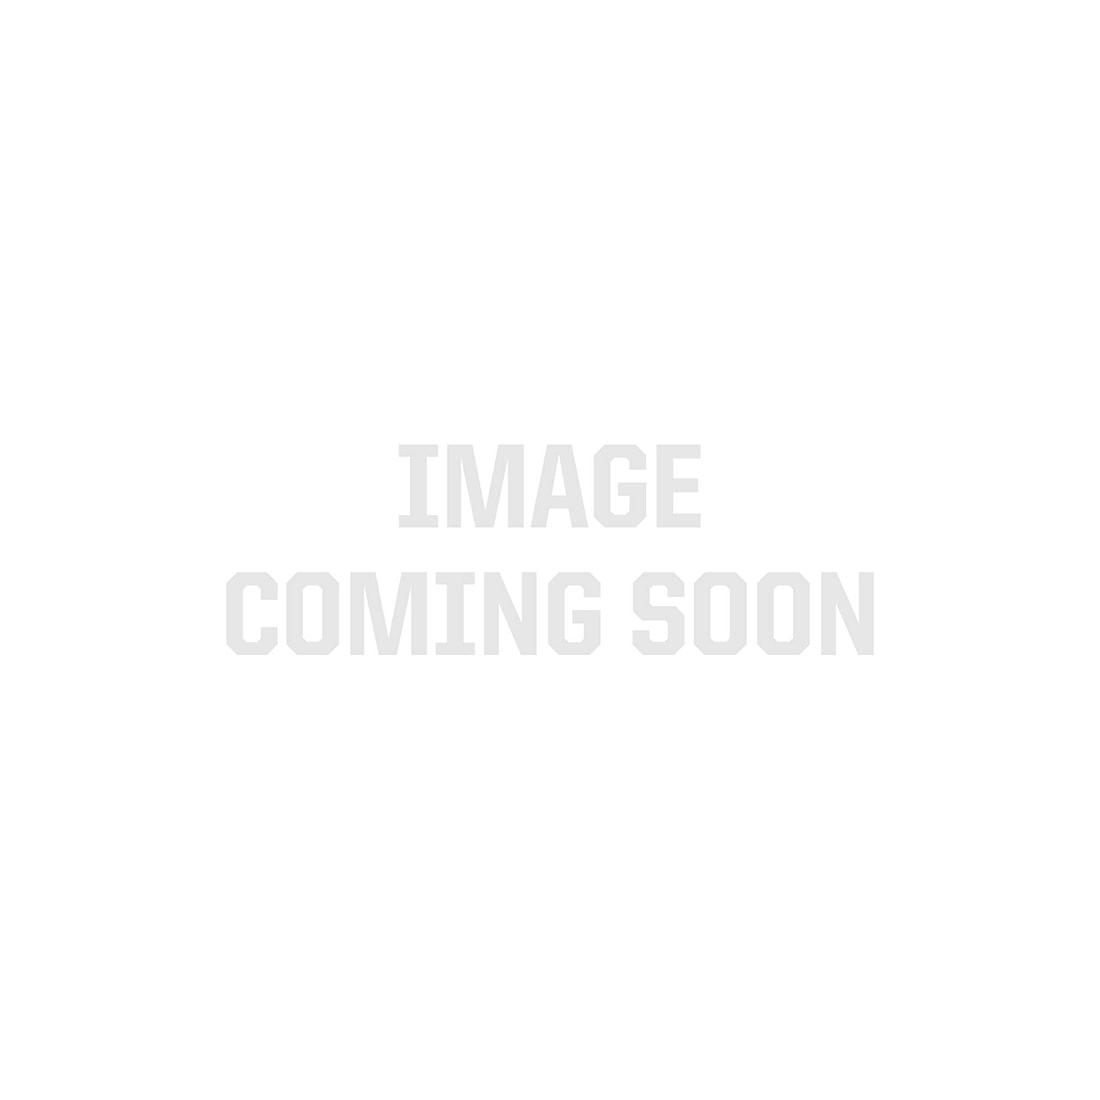 Soft White 3528 LED Strip Light, 78/m, 8mm wide, Sample Kit